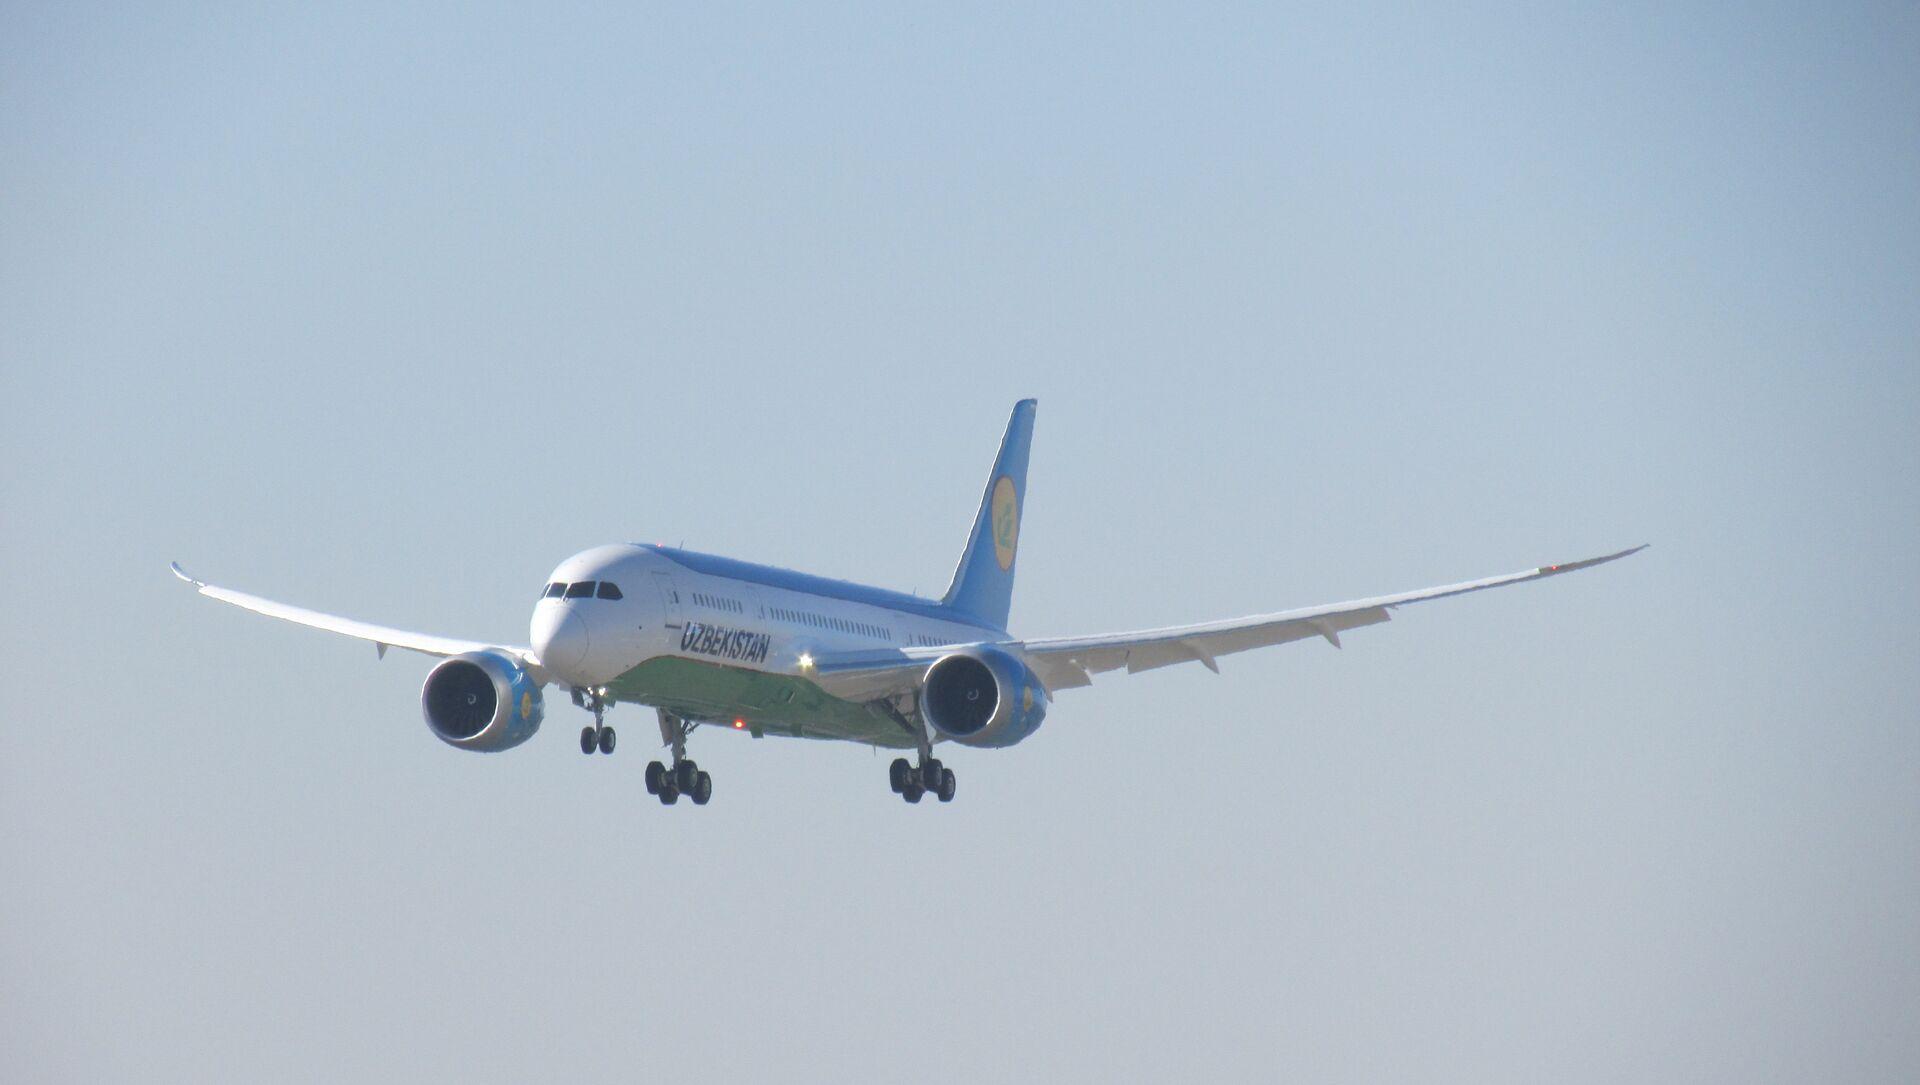 Узбекские авиалинии приняли в эксплуатацию еще один самолет Boeing 787-8 Dreamliner - Sputnik Ўзбекистон, 1920, 10.02.2021